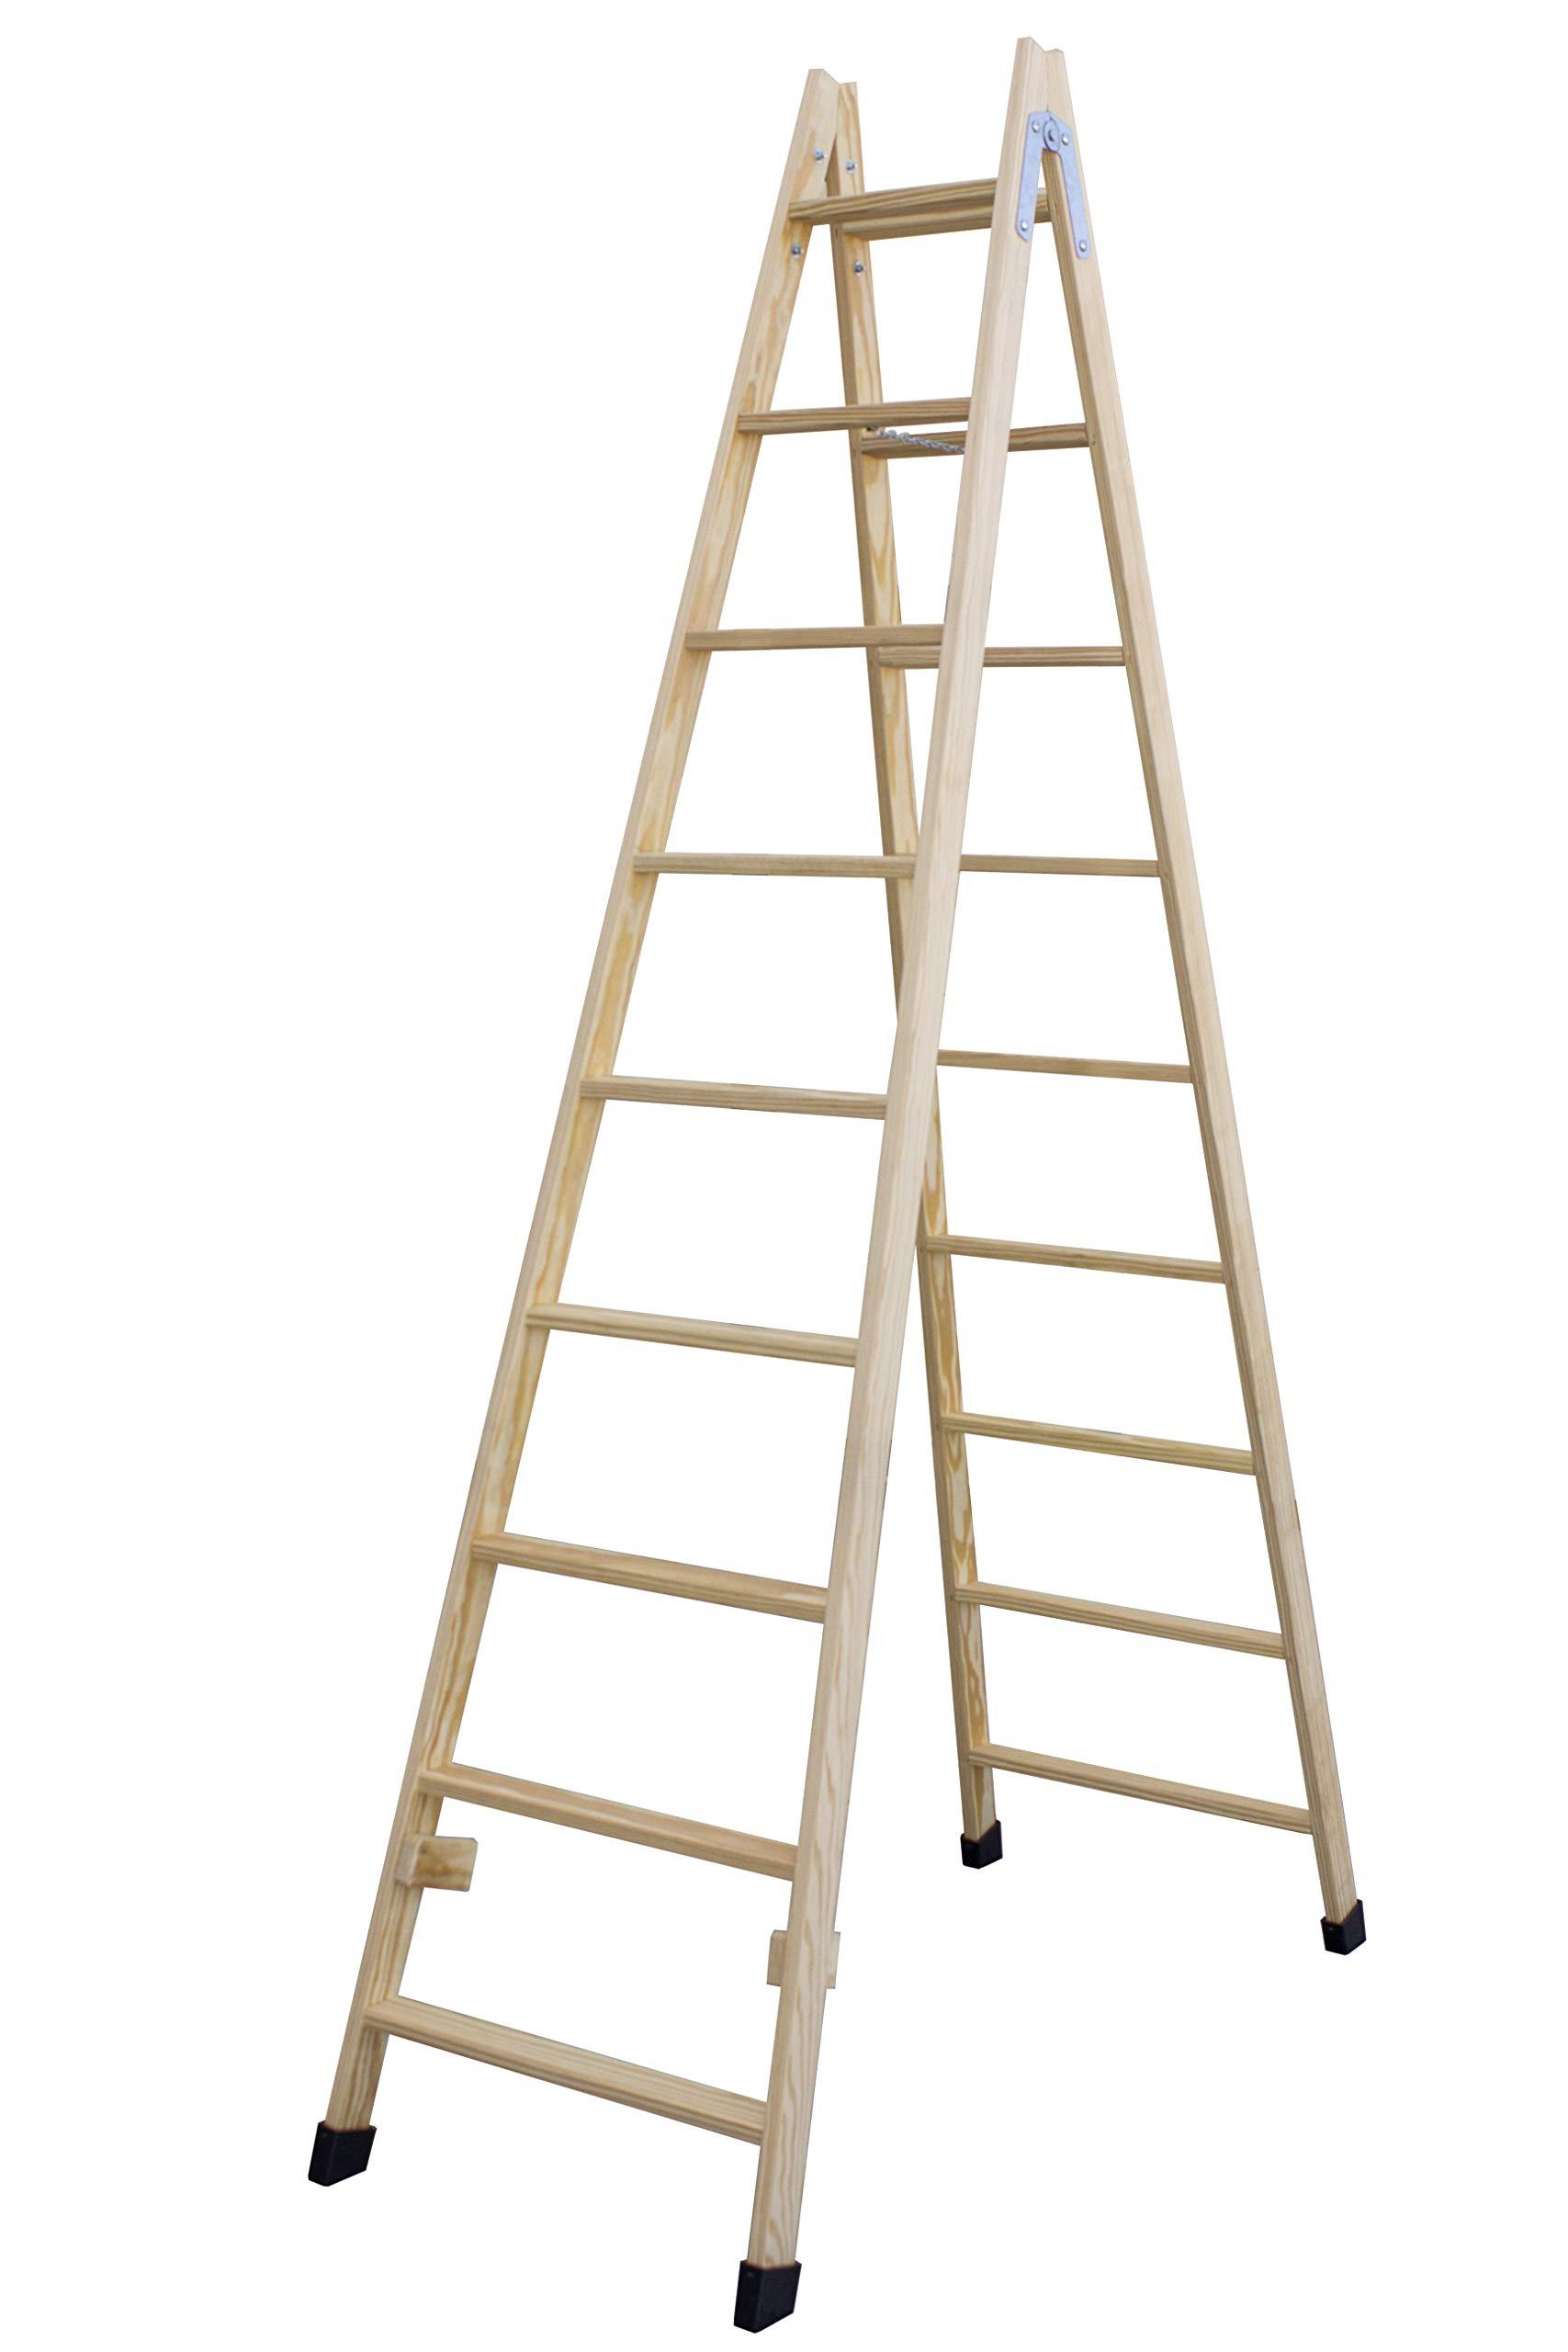 Escalera de tijera de madera con peldaño ancho de 54 mm. Fabricada en pino marítimo sin barnizar. (9 peldaños): Amazon.es: Bricolaje y herramientas